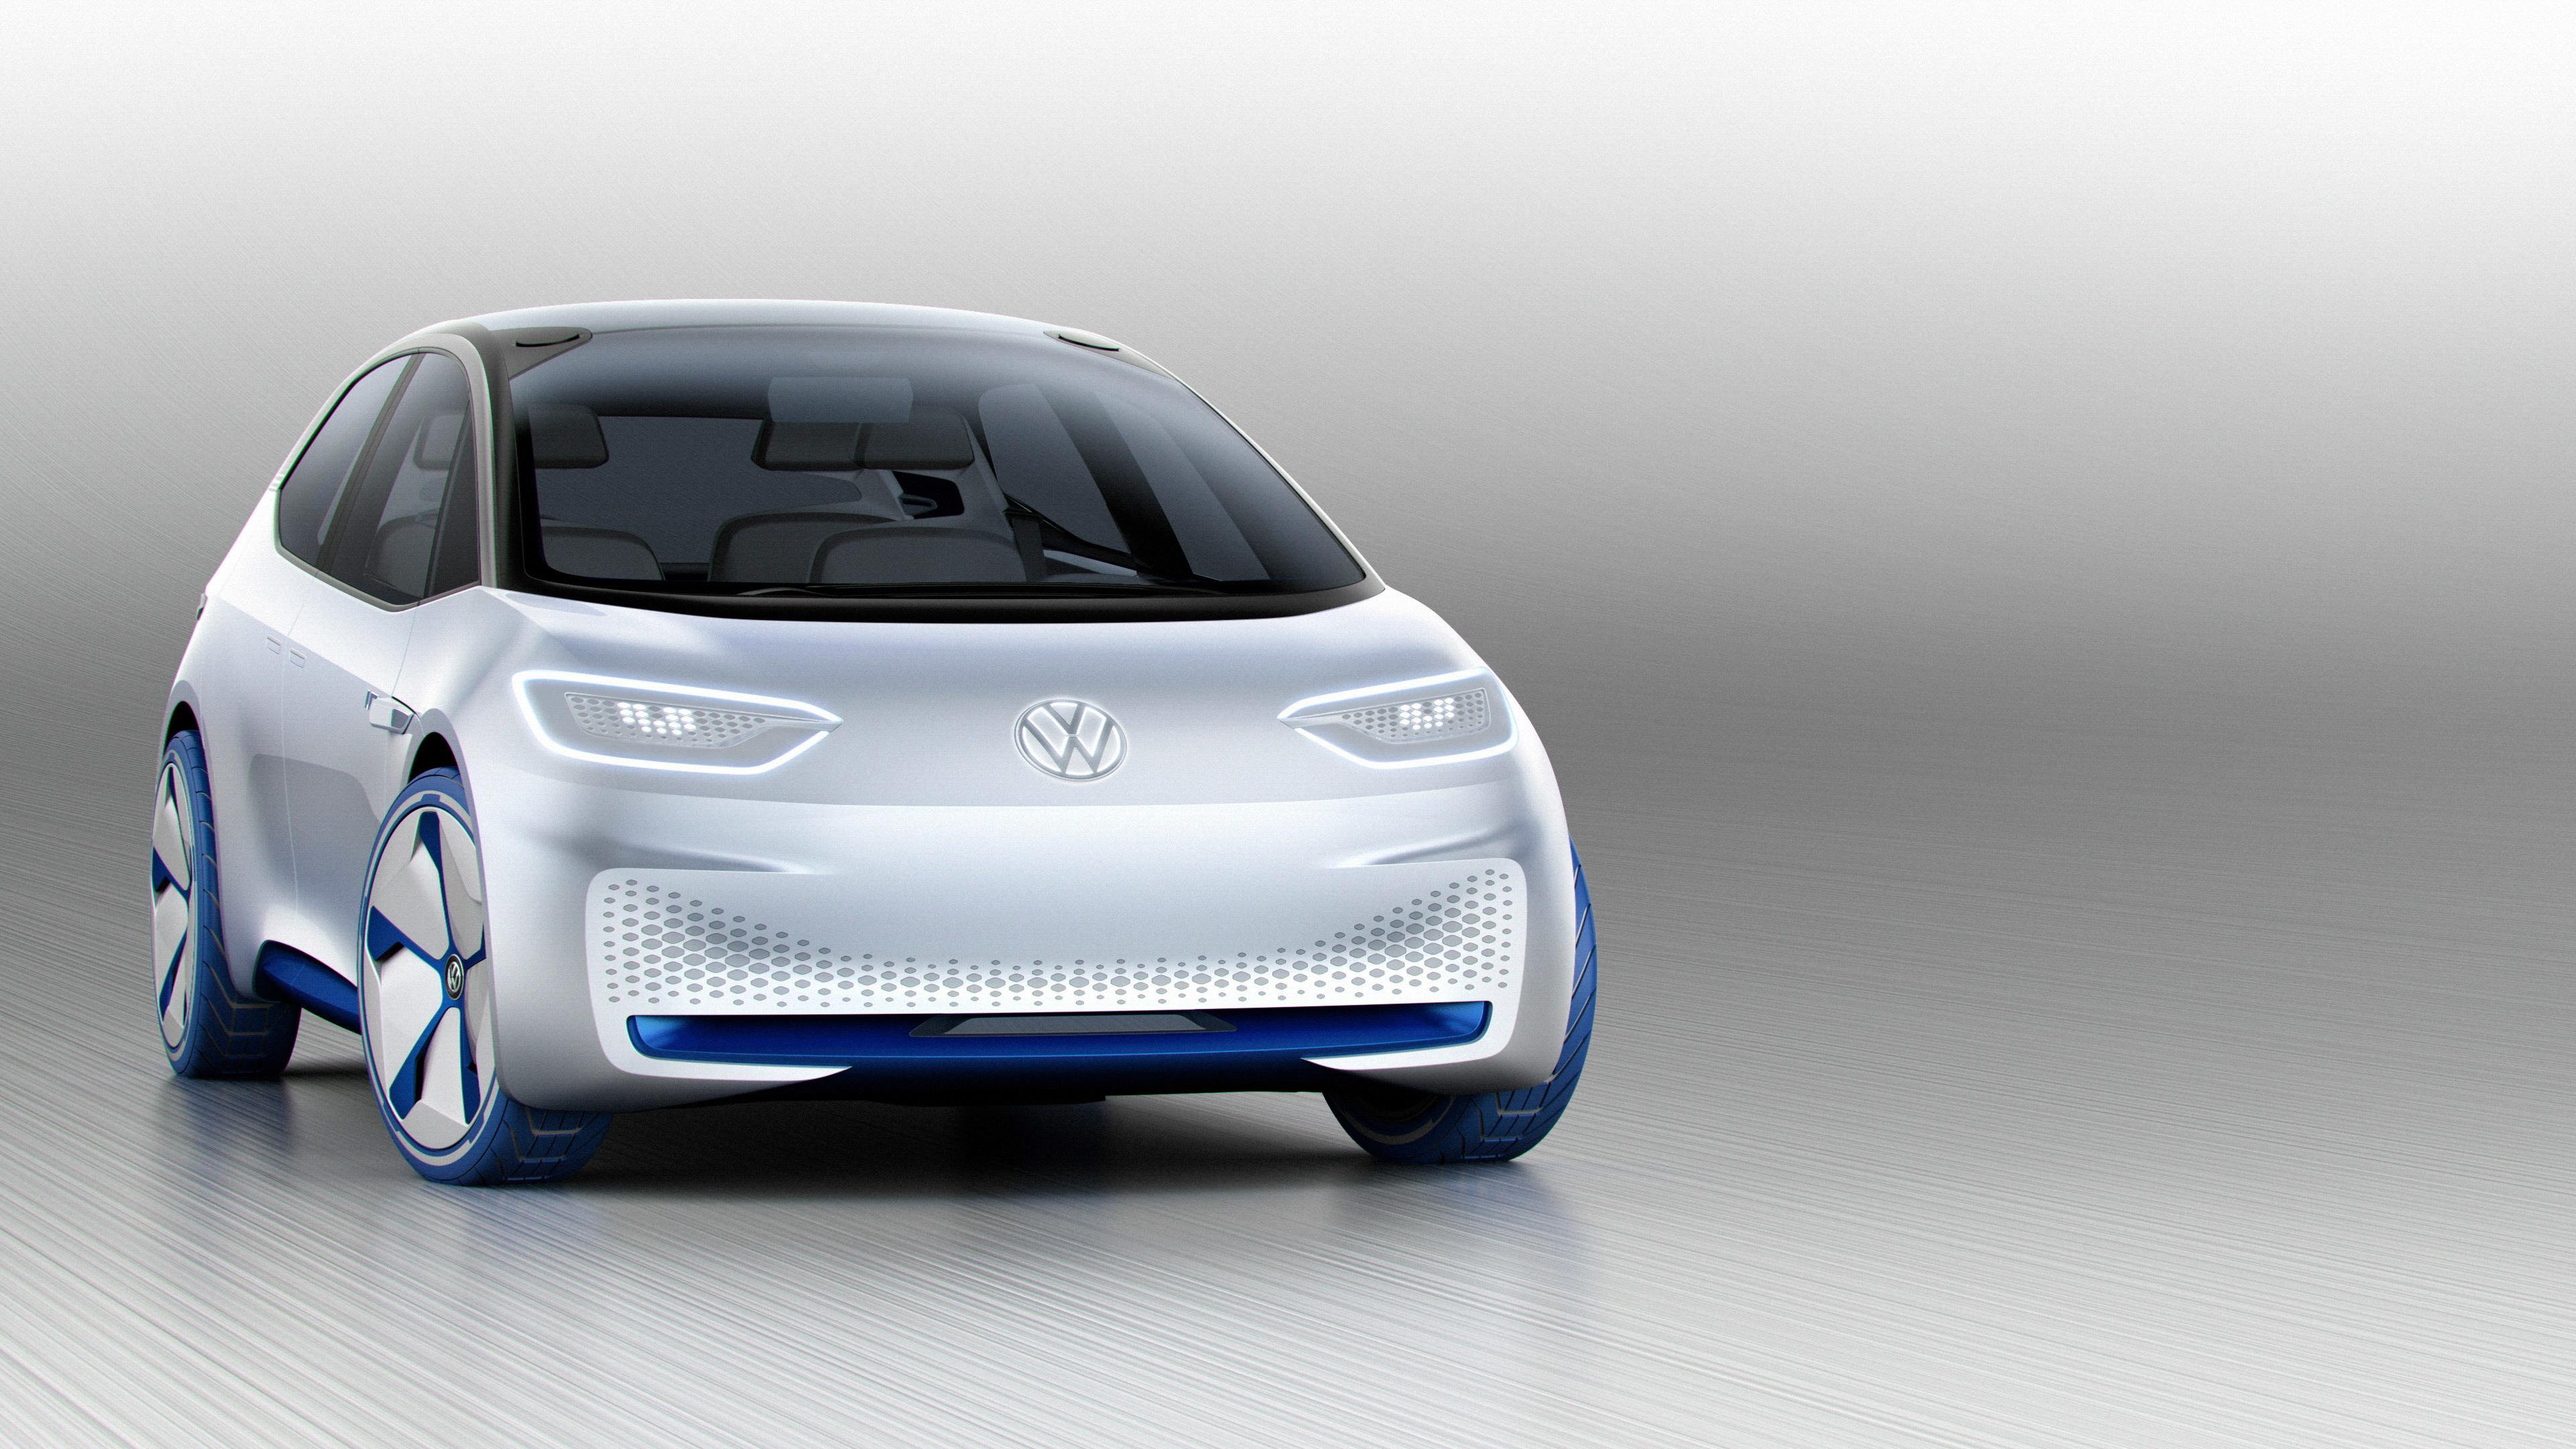 volkswagen id concept car 1539104828 - Volkswagen ID Concept Car - volkswagen wallpapers, volkswagen id wallpapers, electric cars wallpapers, concept cars wallpapers